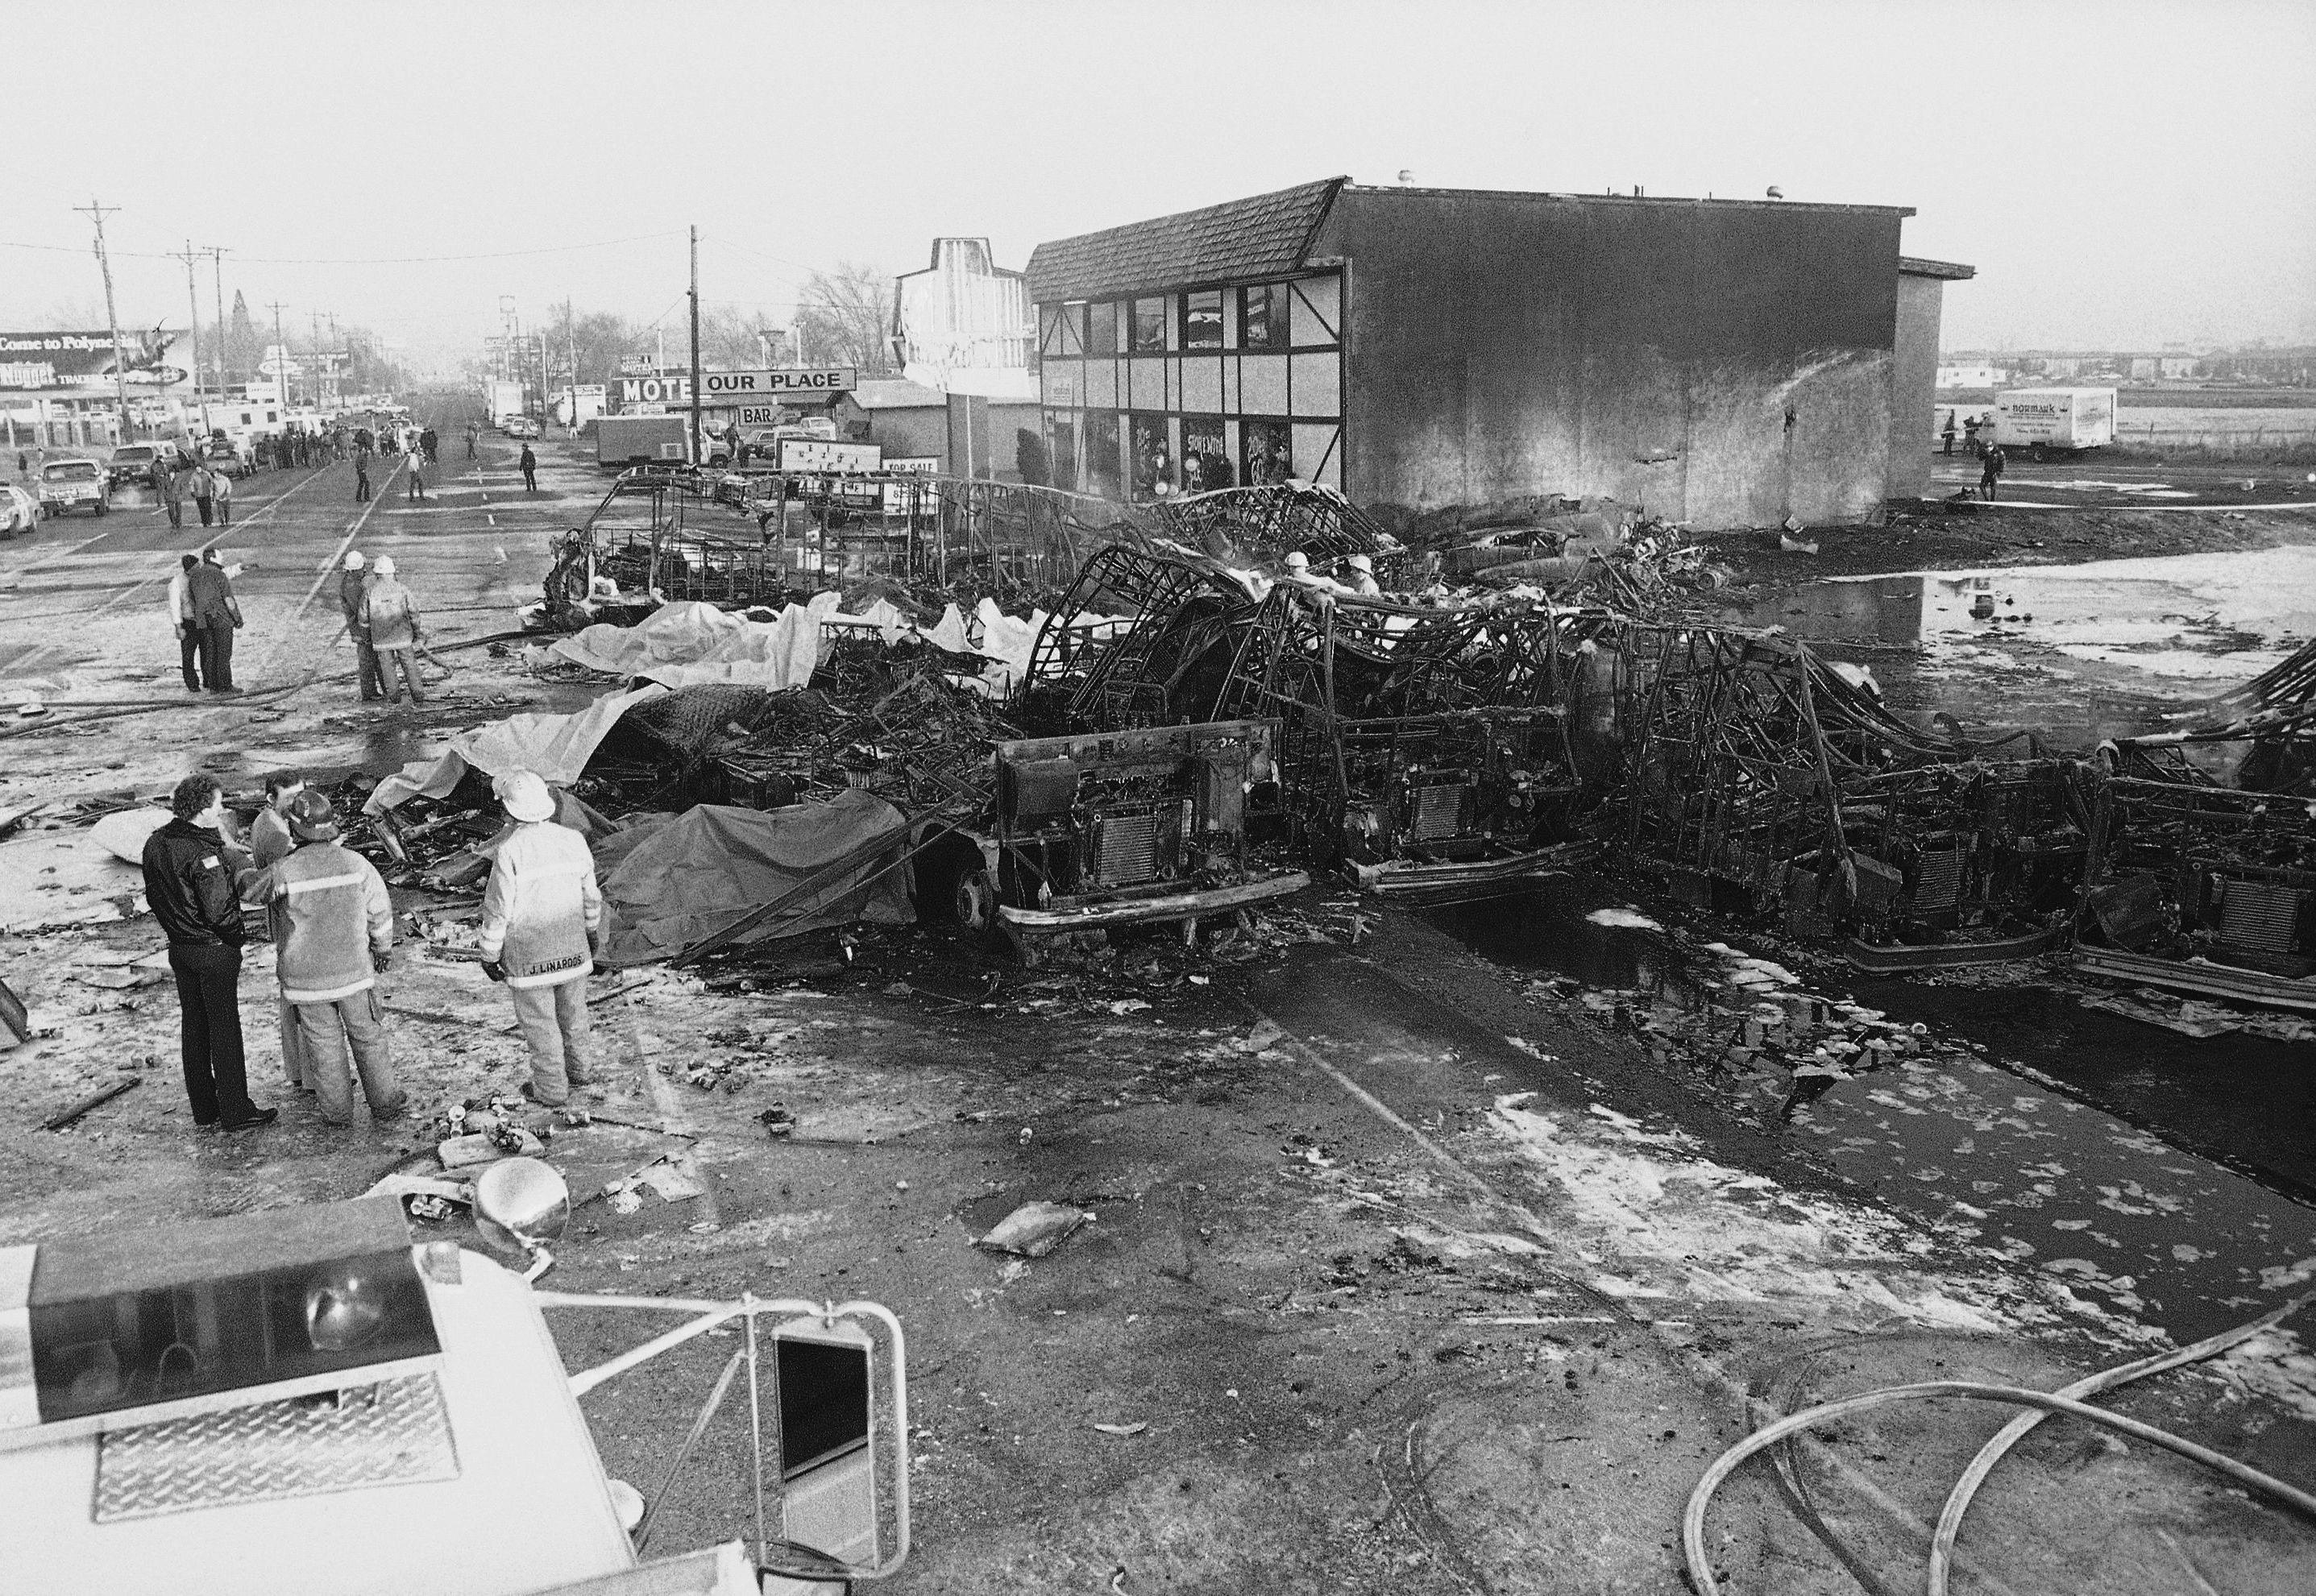 Les débris de l'avion de Galaxy Airlines qui s'est écrasé le 21 janvier 1985 à Reno